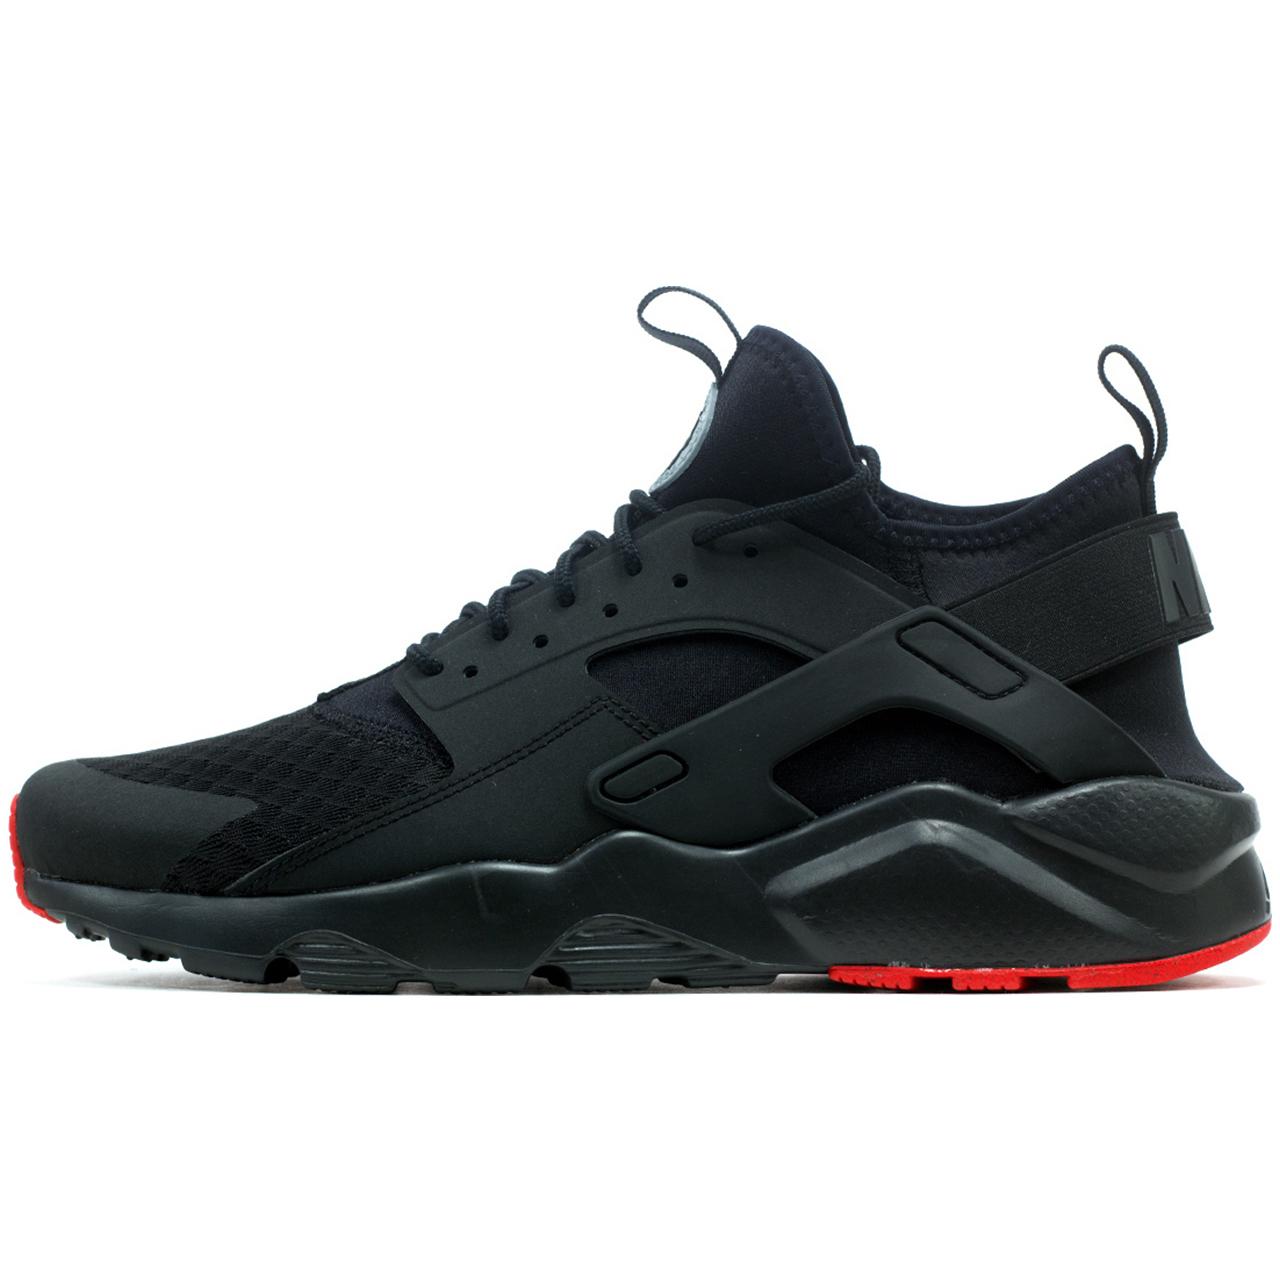 کفش ورزشی مردانه نایکی مدل Air Huarache Ultra کد 819685-012